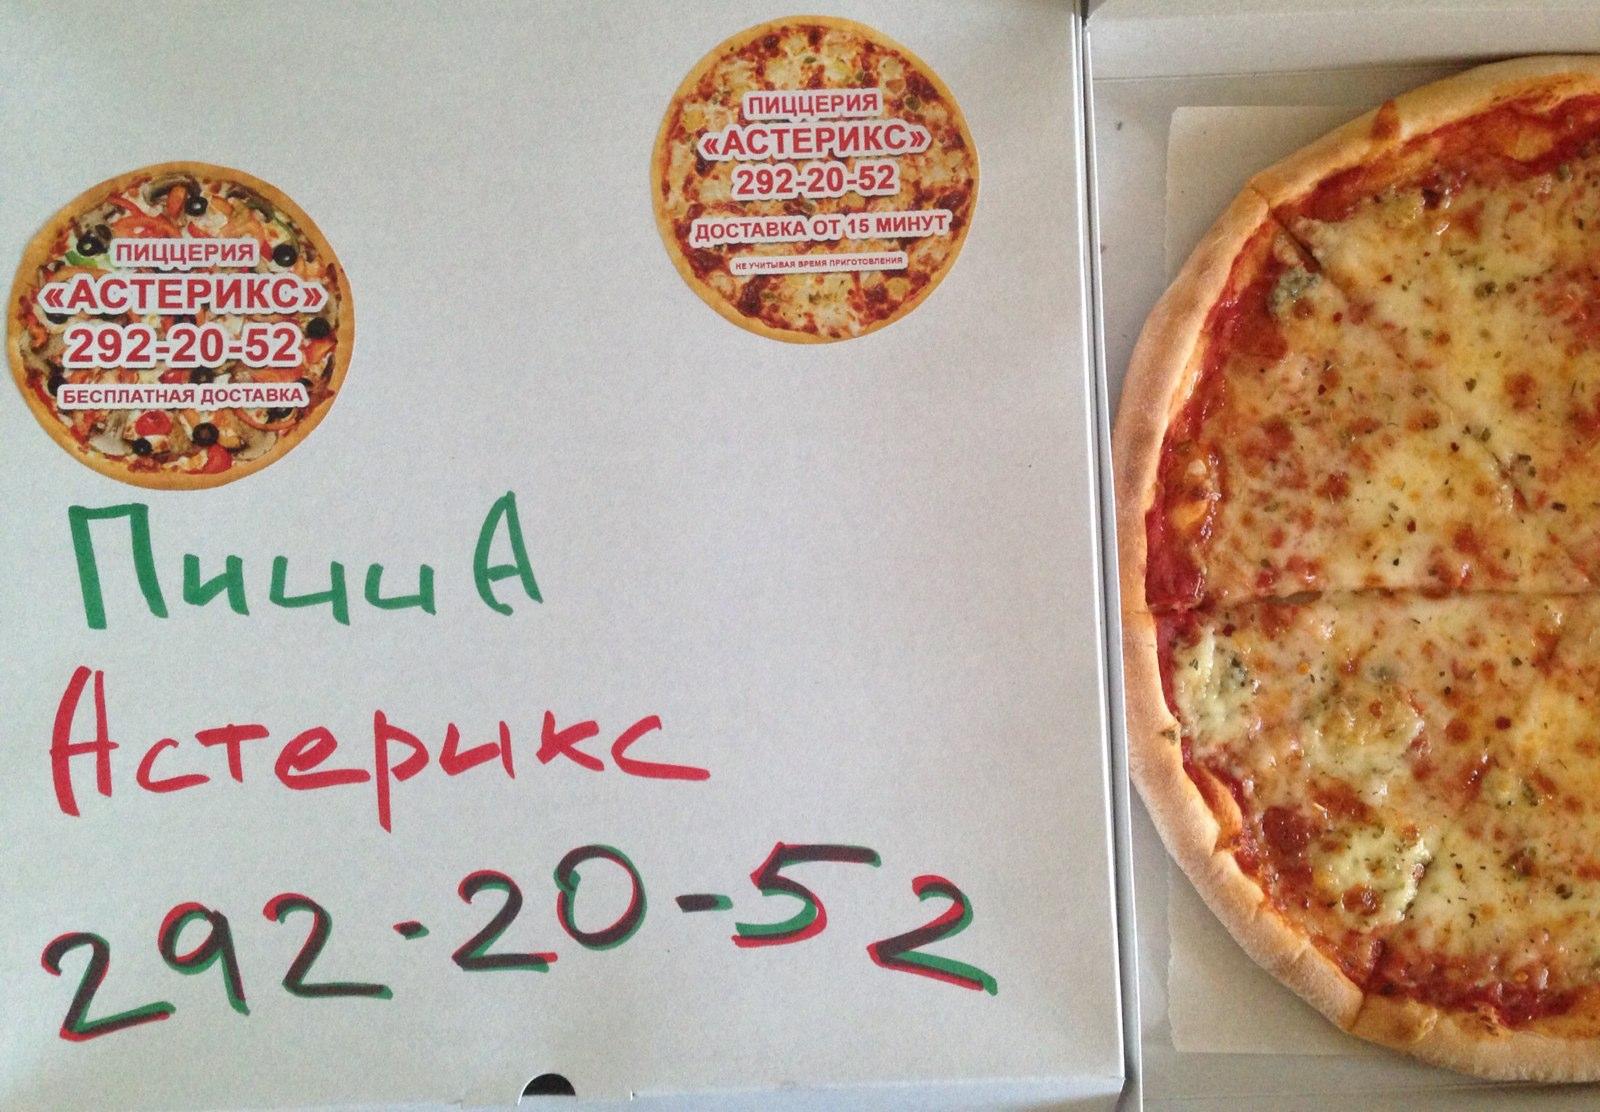 Пиццерия кафе  NF1ru бизнессправочник г Нефтекамск и